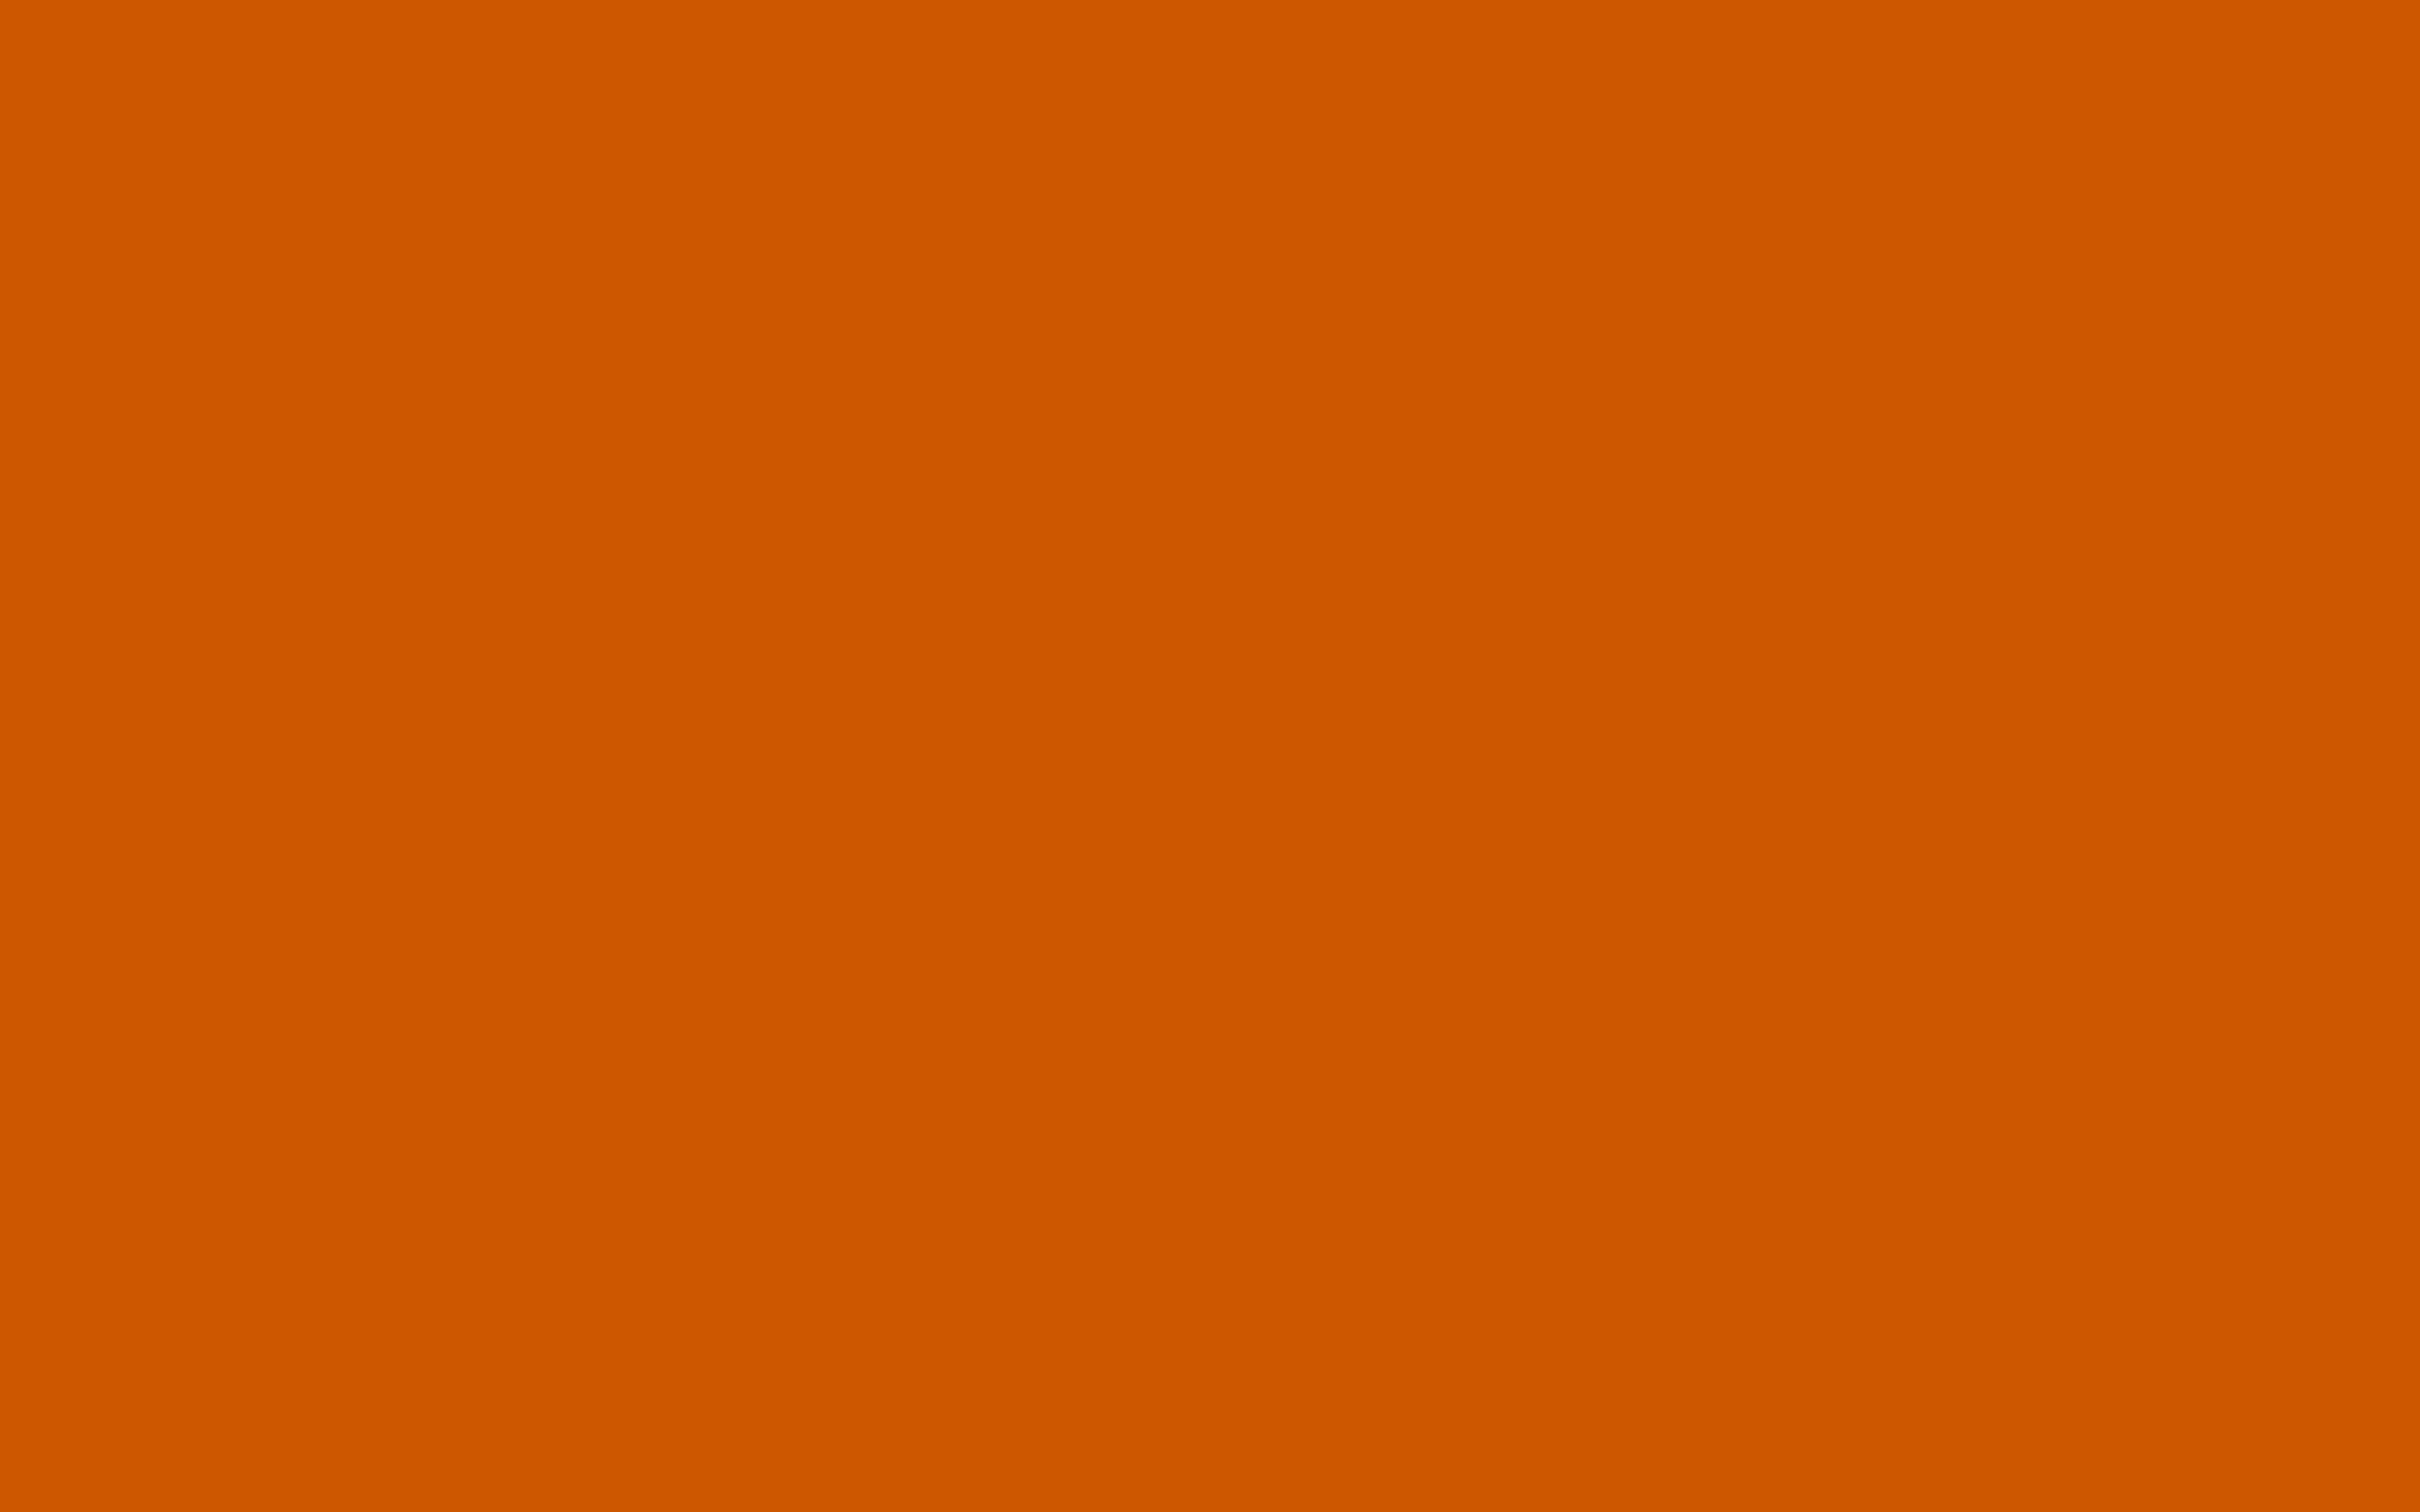 2560x1600 Burnt Orange Solid Color Background